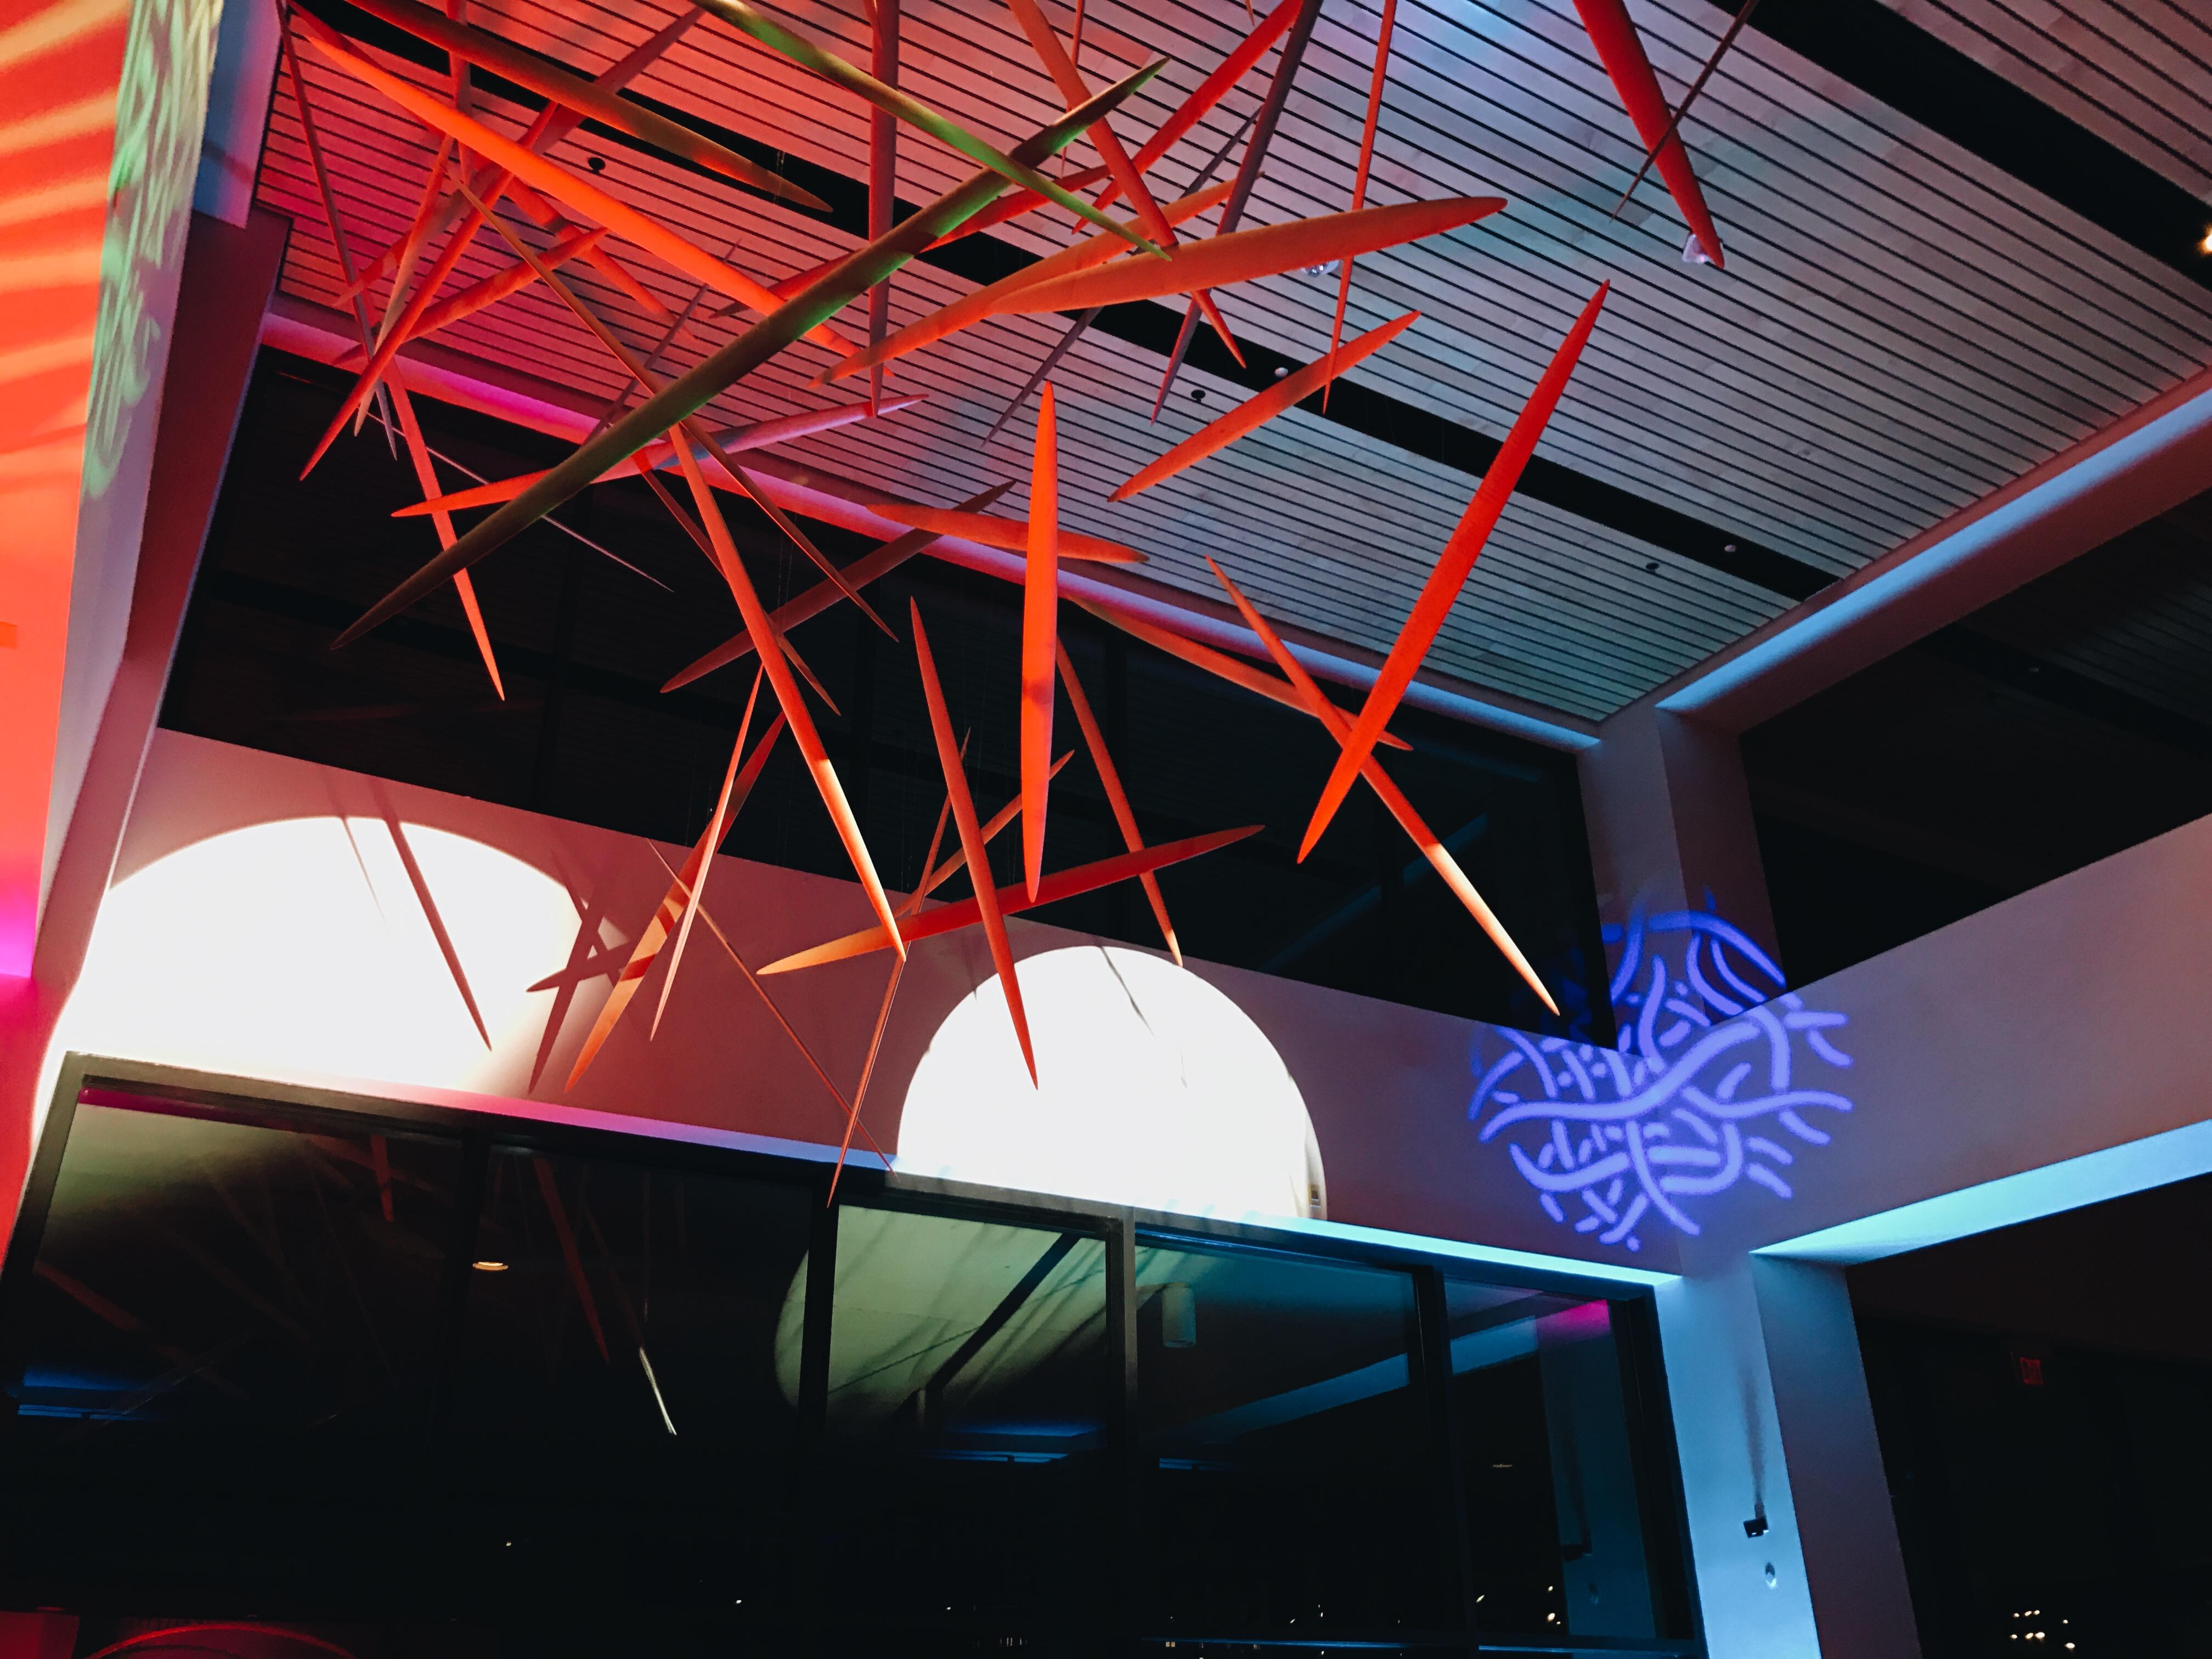 Planetarium public art installation